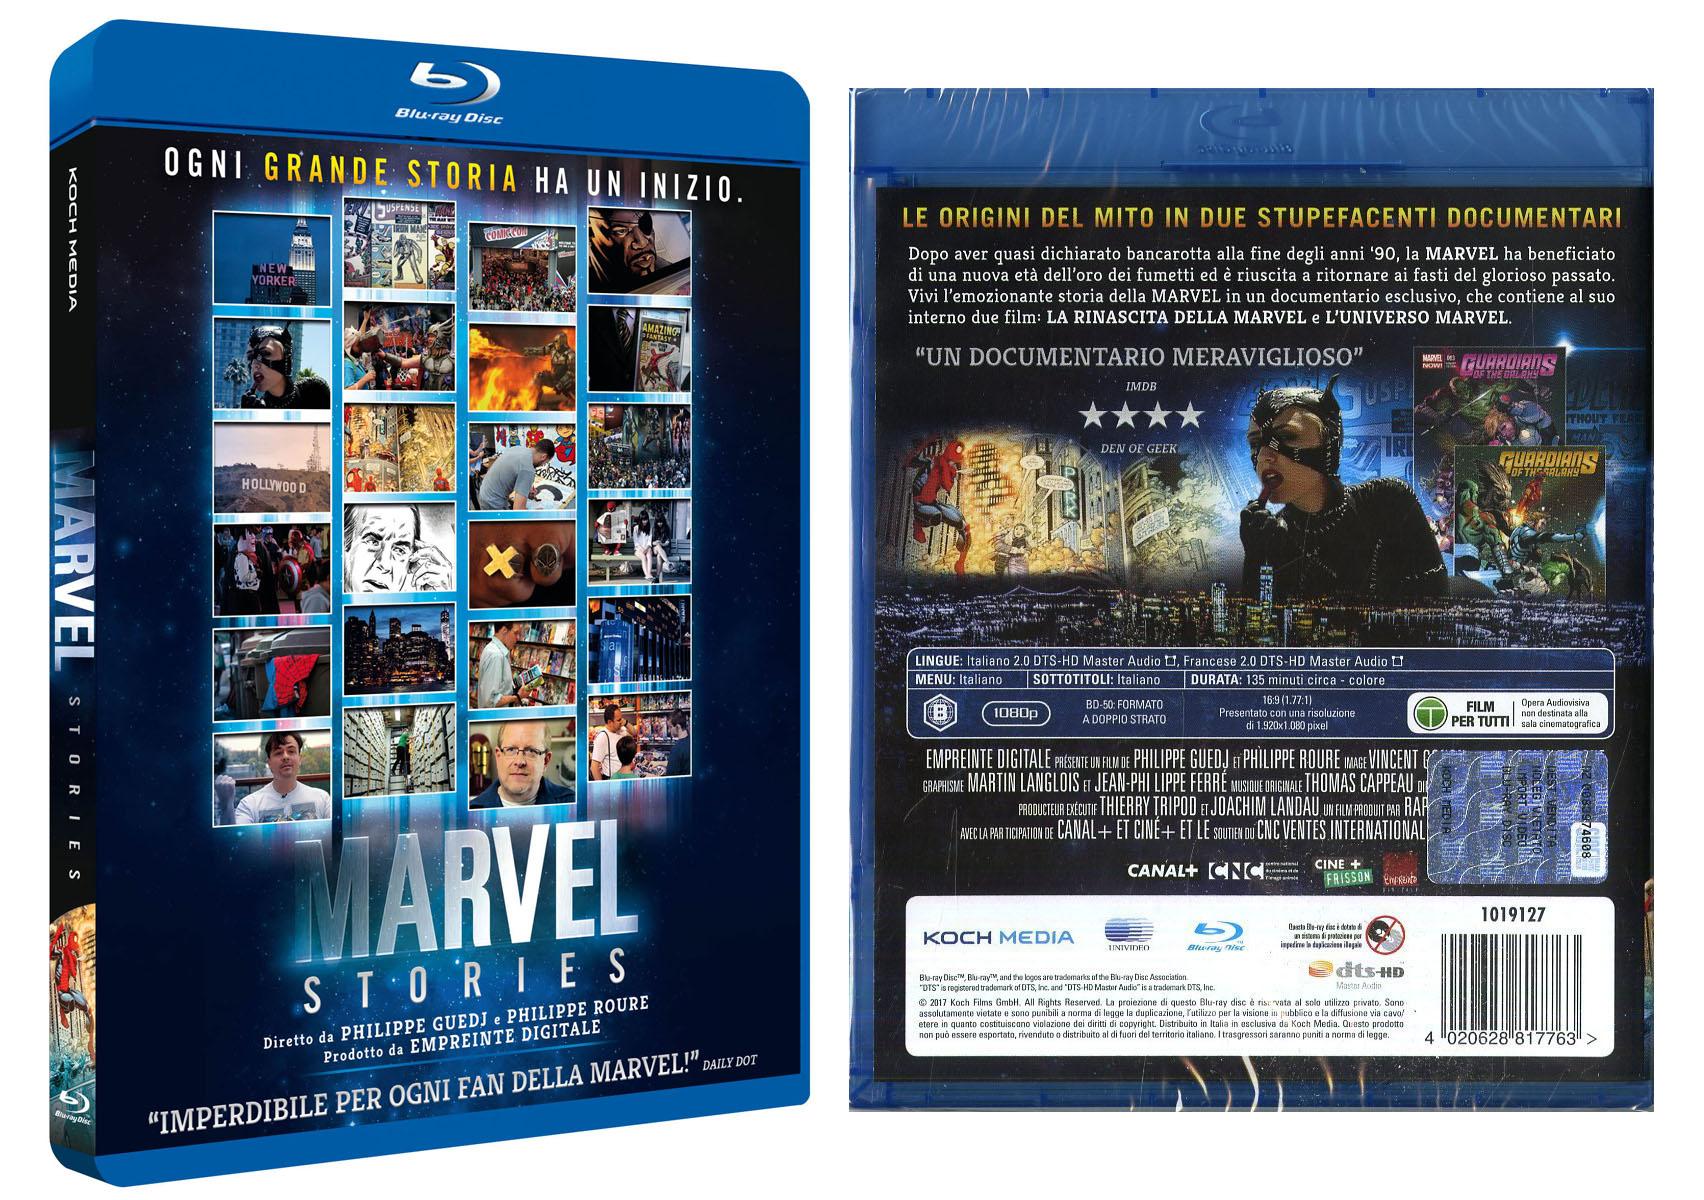 Marvel Stories, la raccolta di documentari su Marvel in DVD e Blu-Ray dal 14 settembre